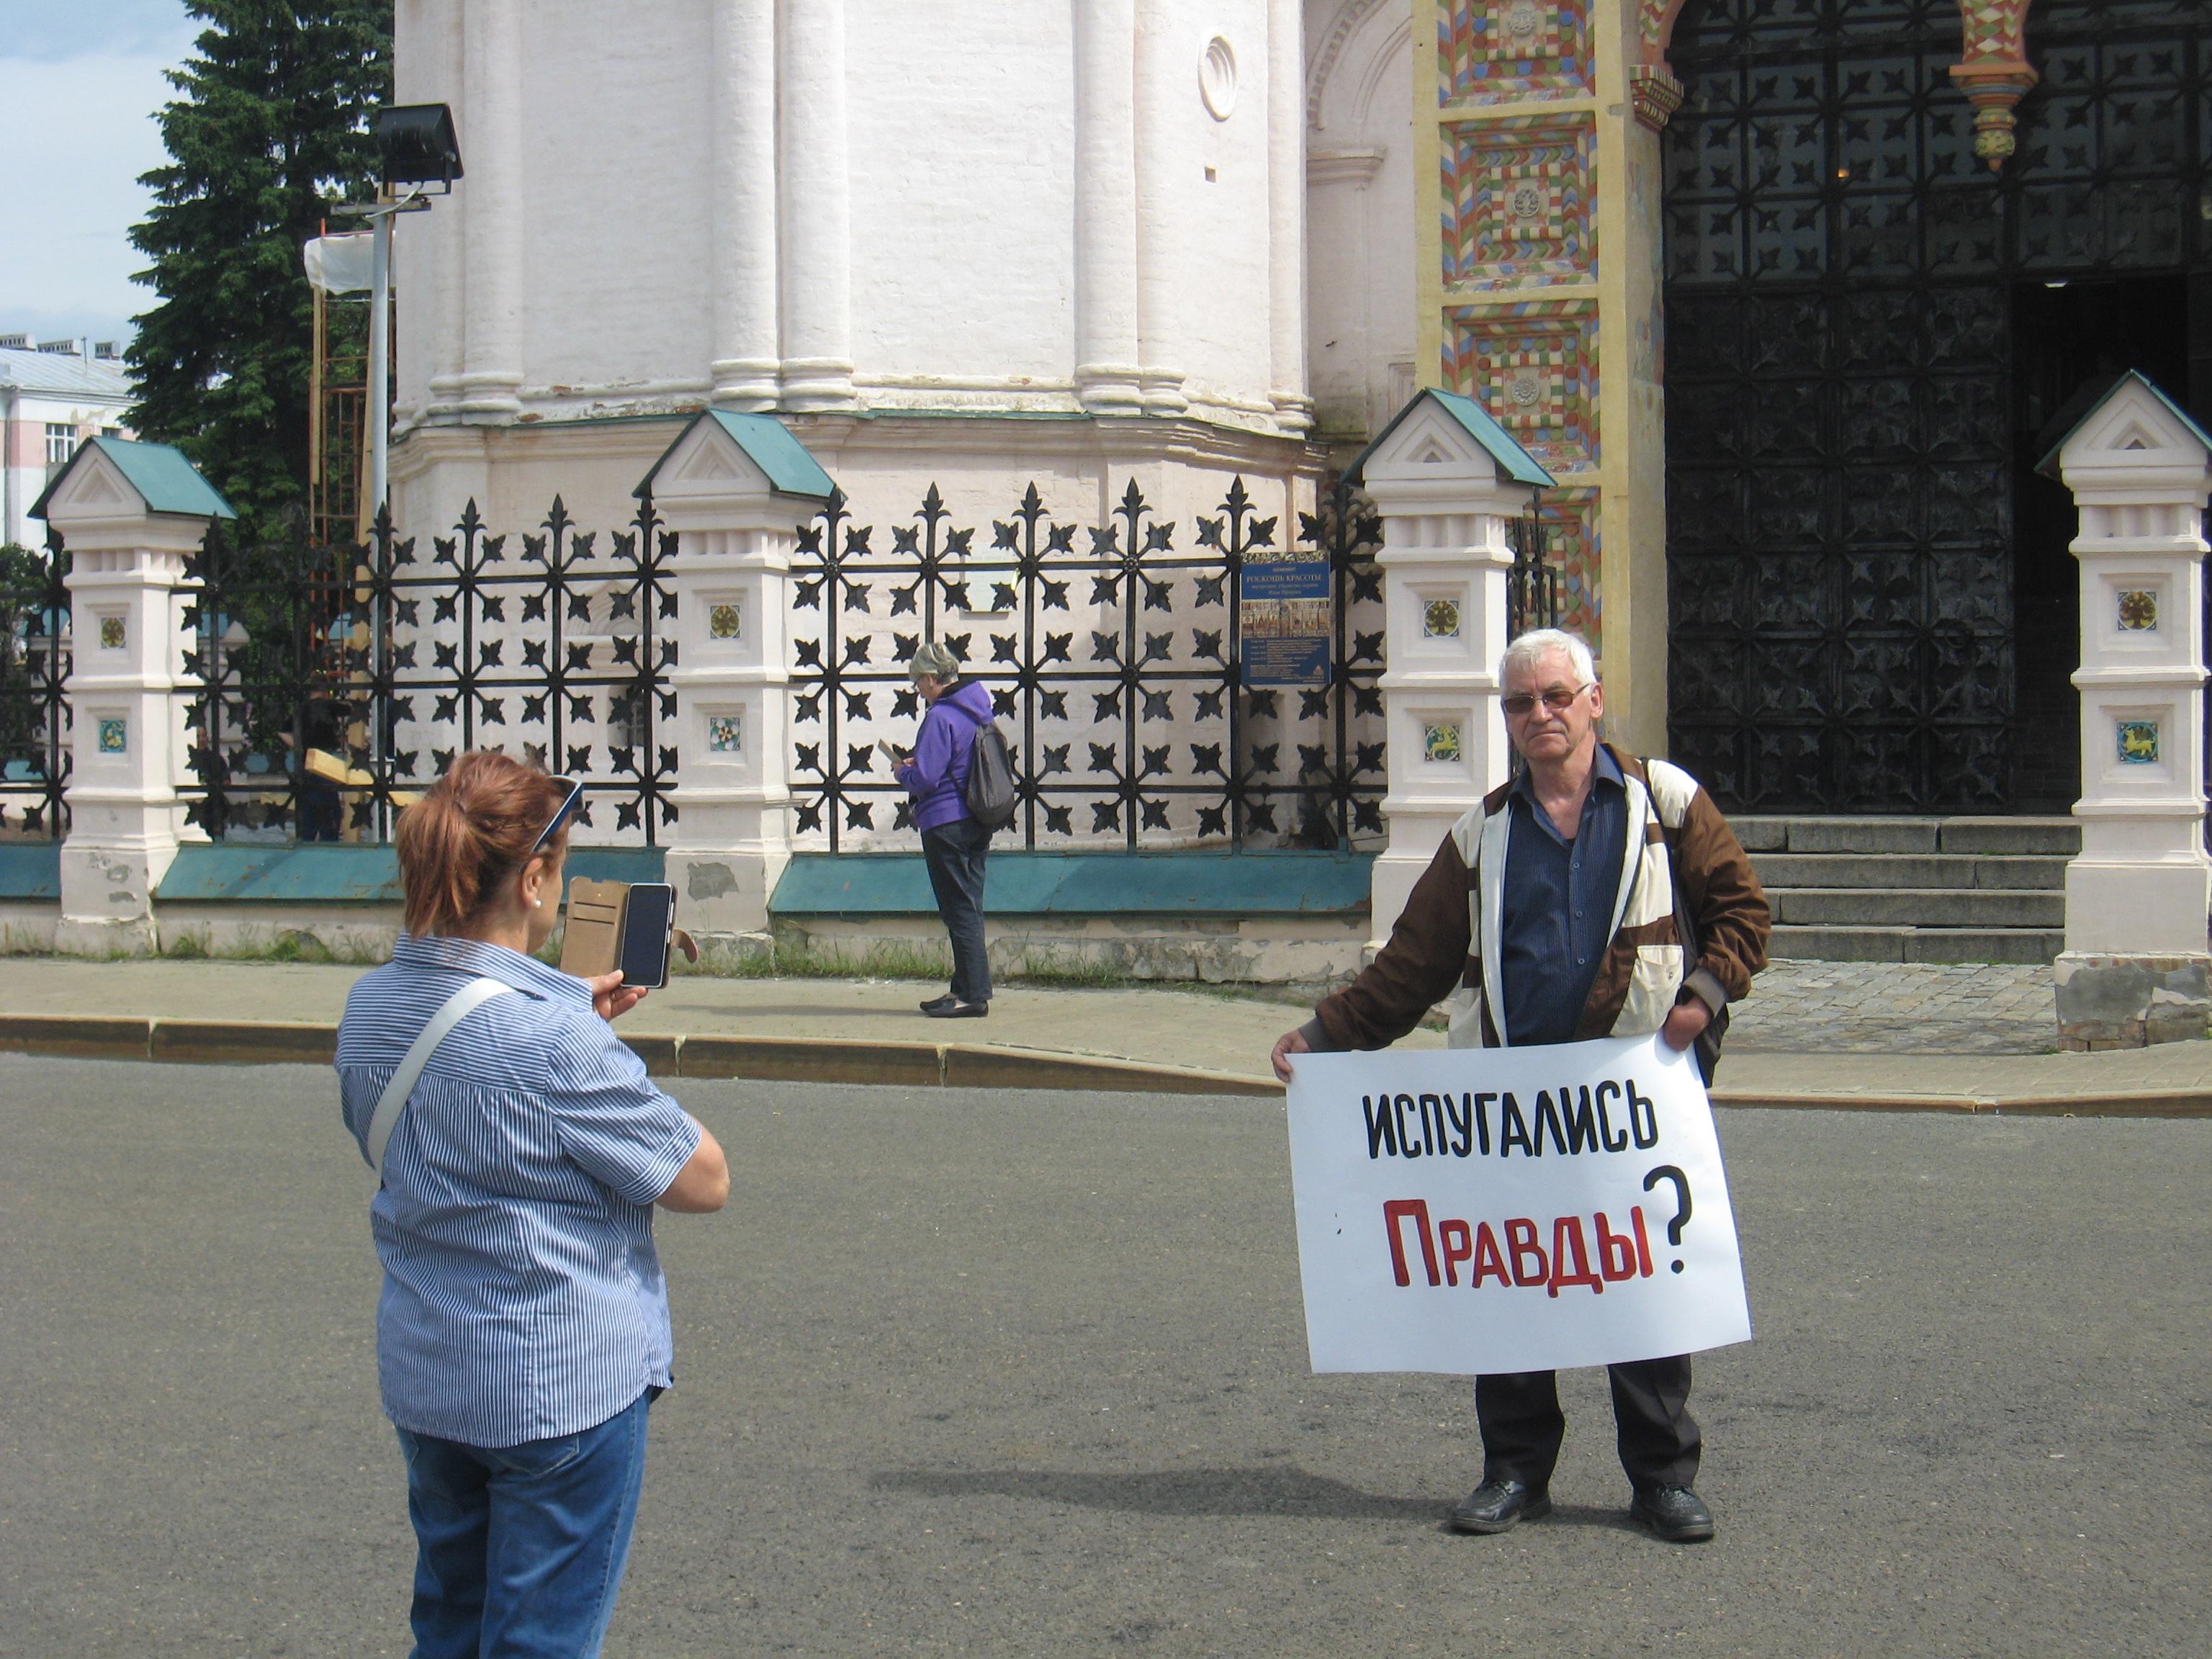 В Ярославле идут пикеты протеста против мэра города